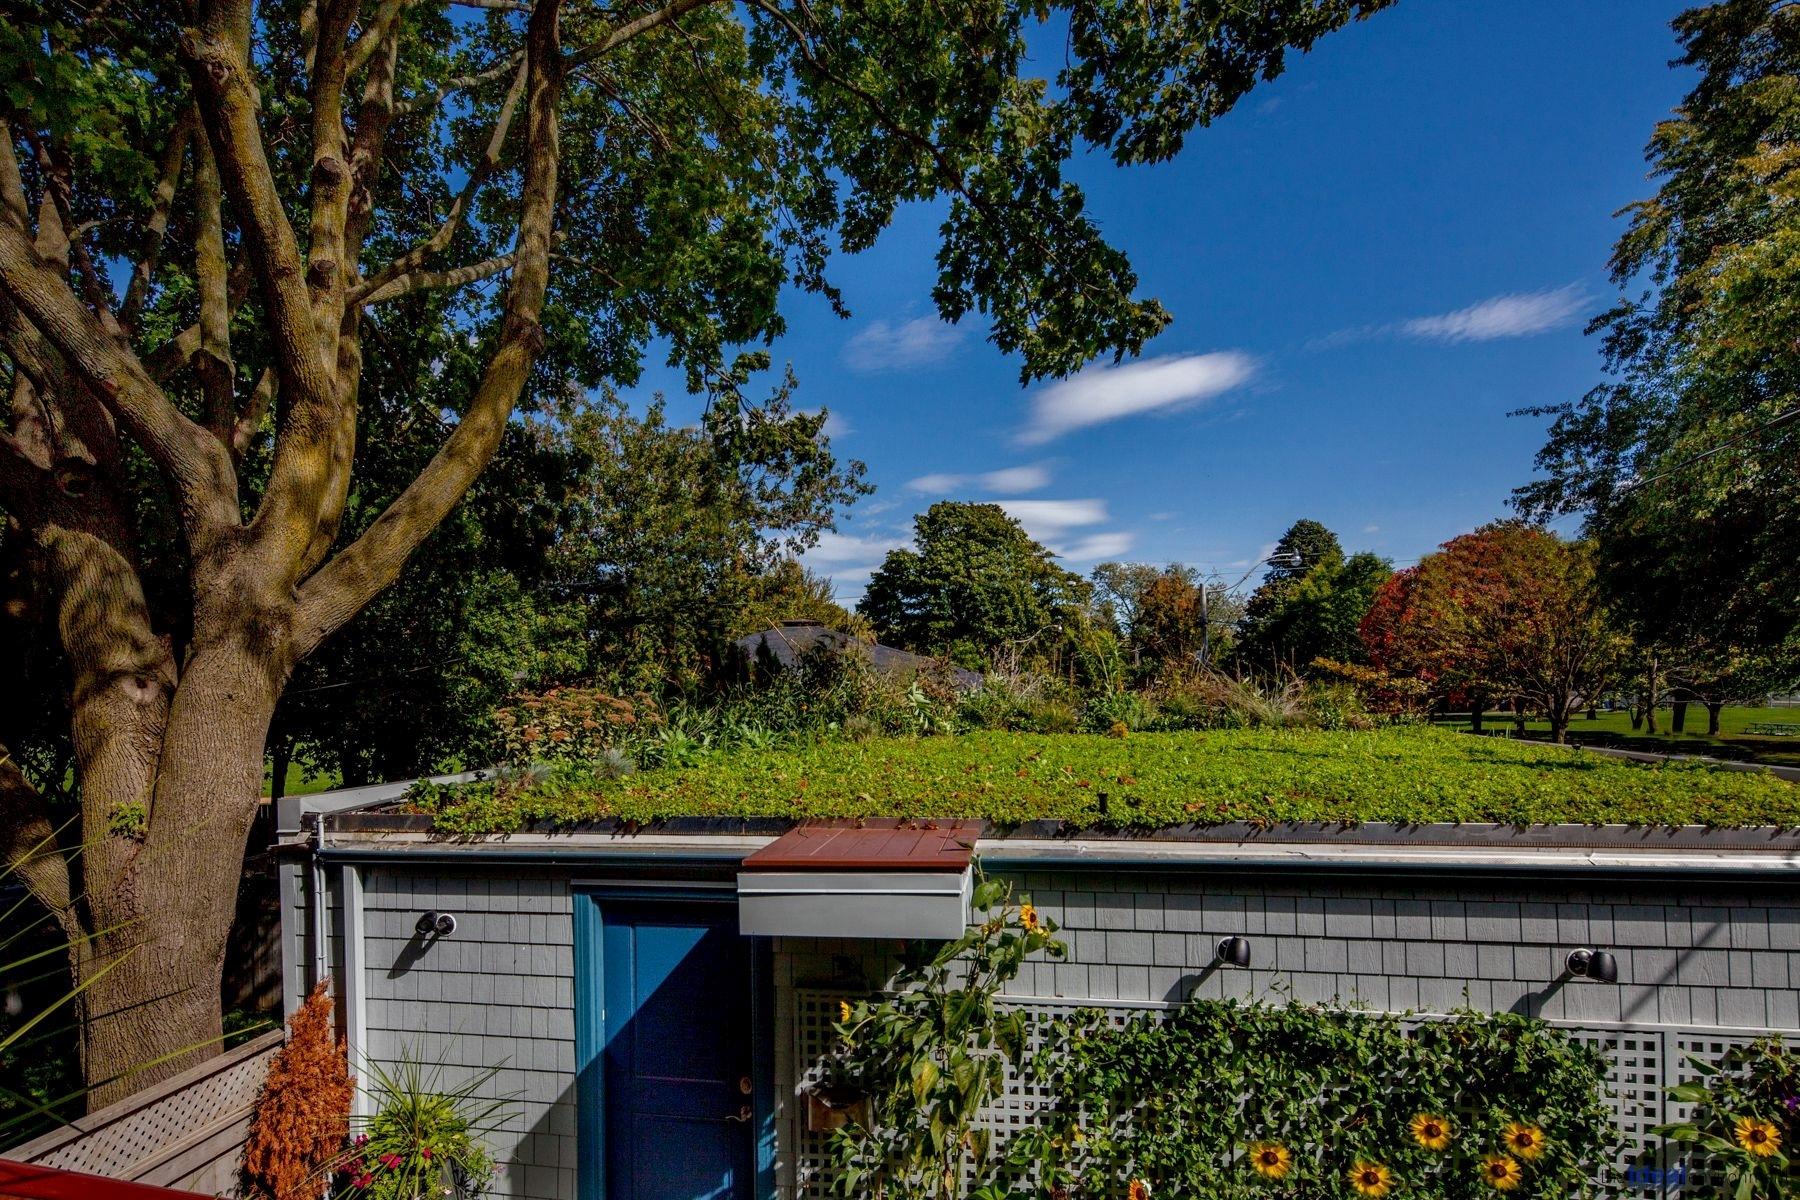 Kew Beach House Condominium Green Roof